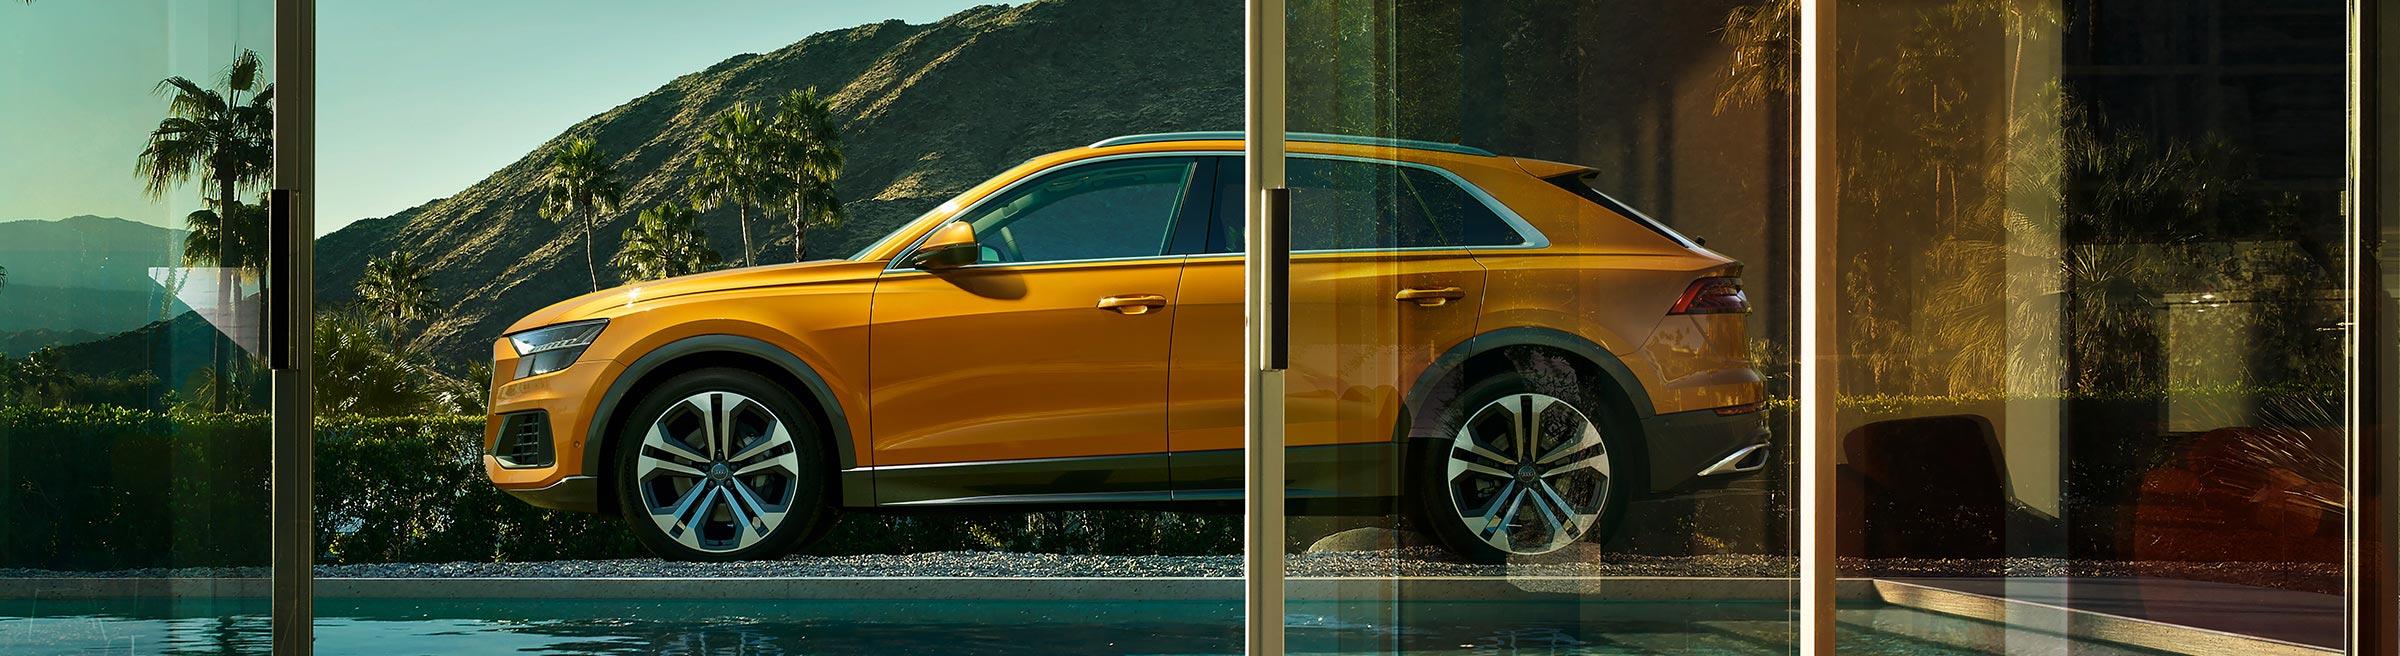 Kampanj Audi Q8 | Toveks Bil